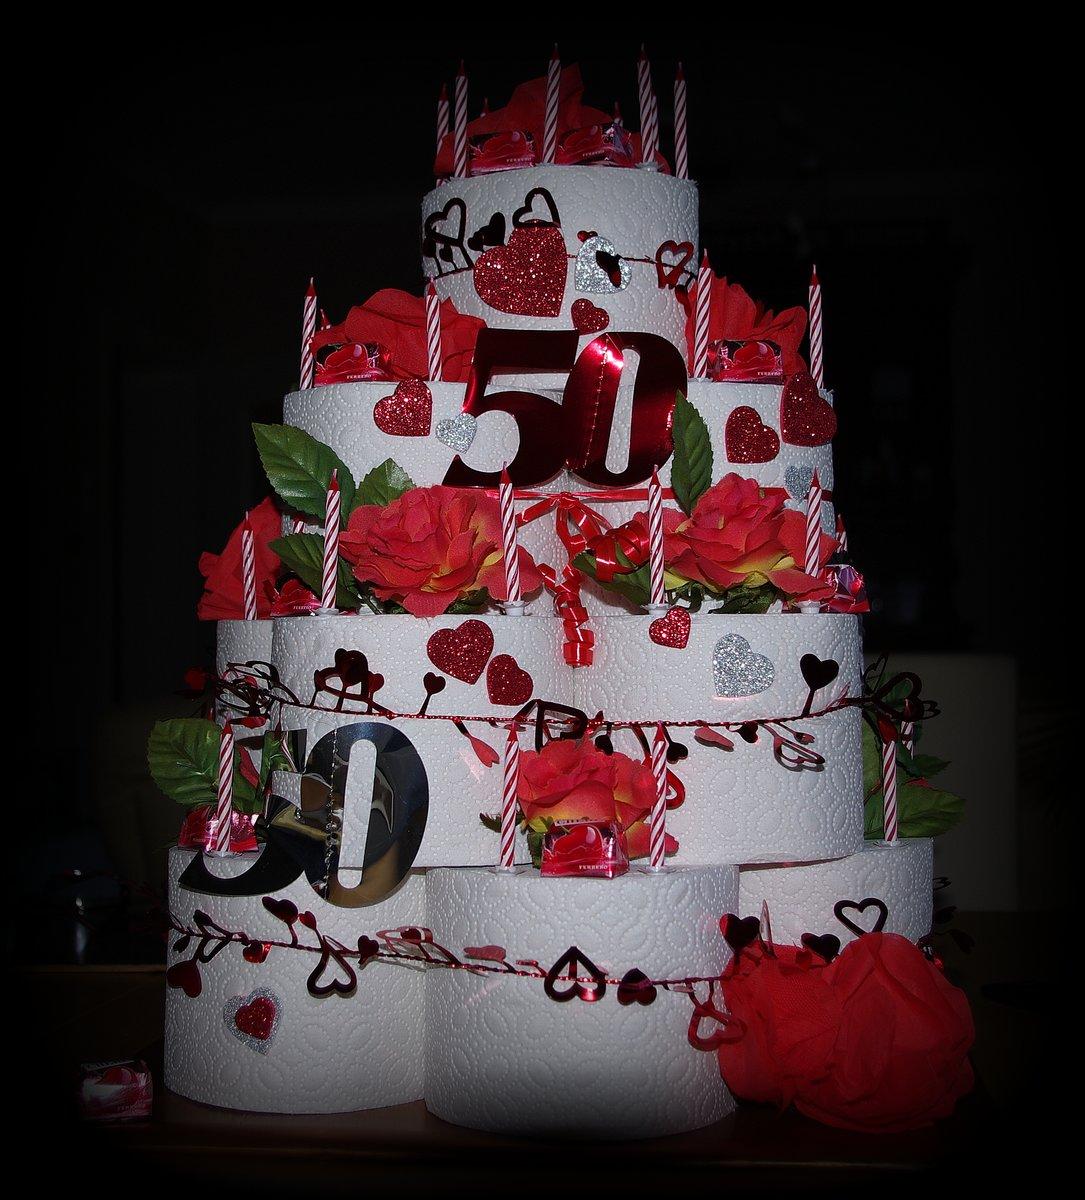 Zum 50 Geburtstag Eine Klasse Torte